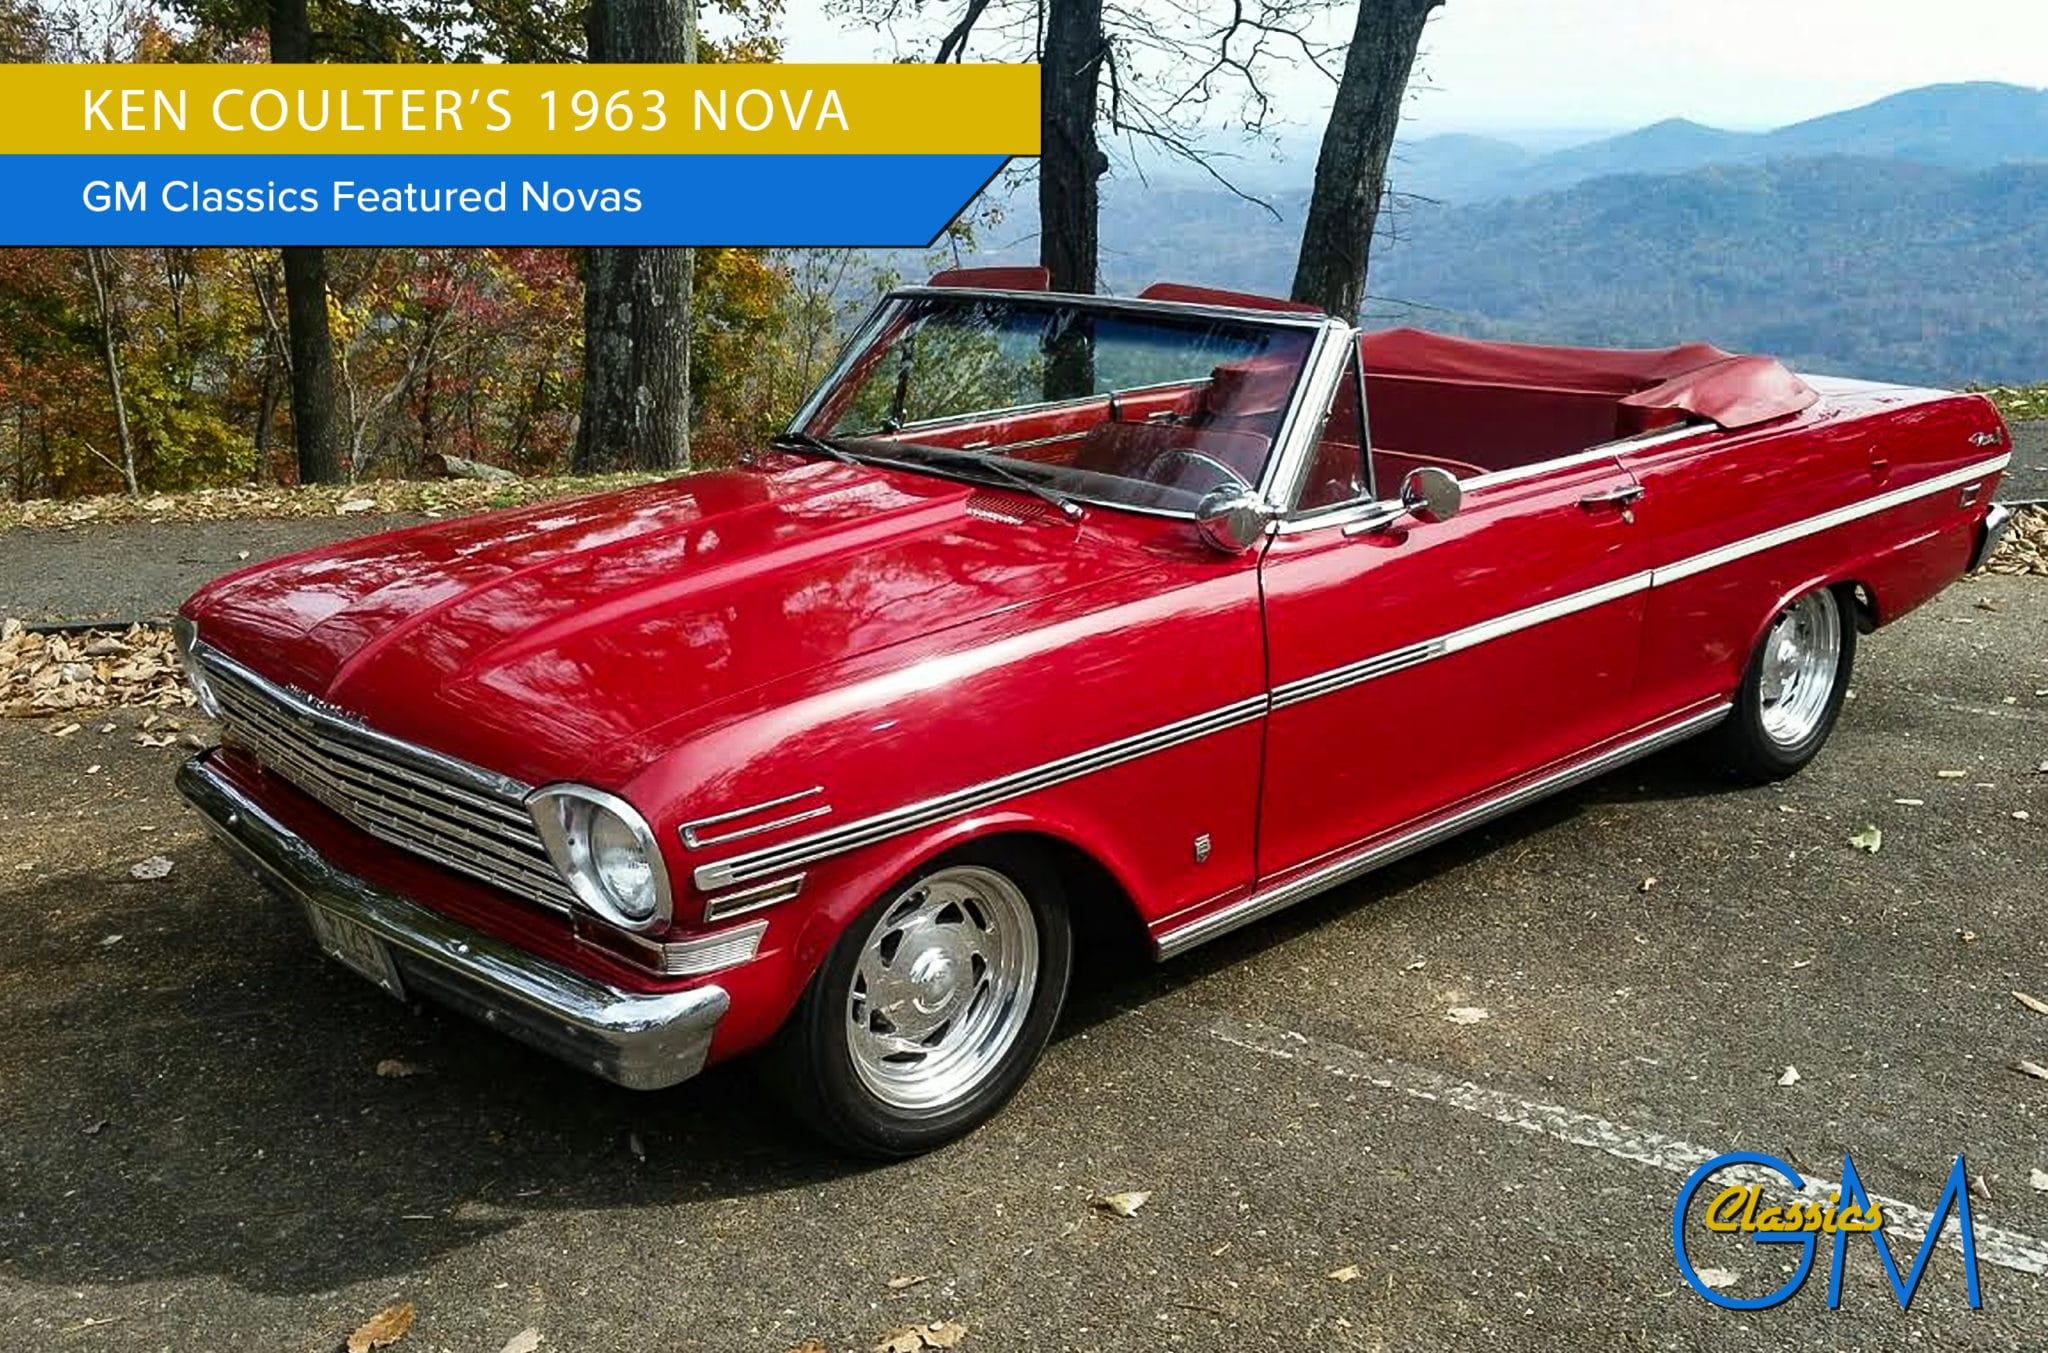 Ken Coulter's 1963 Nova